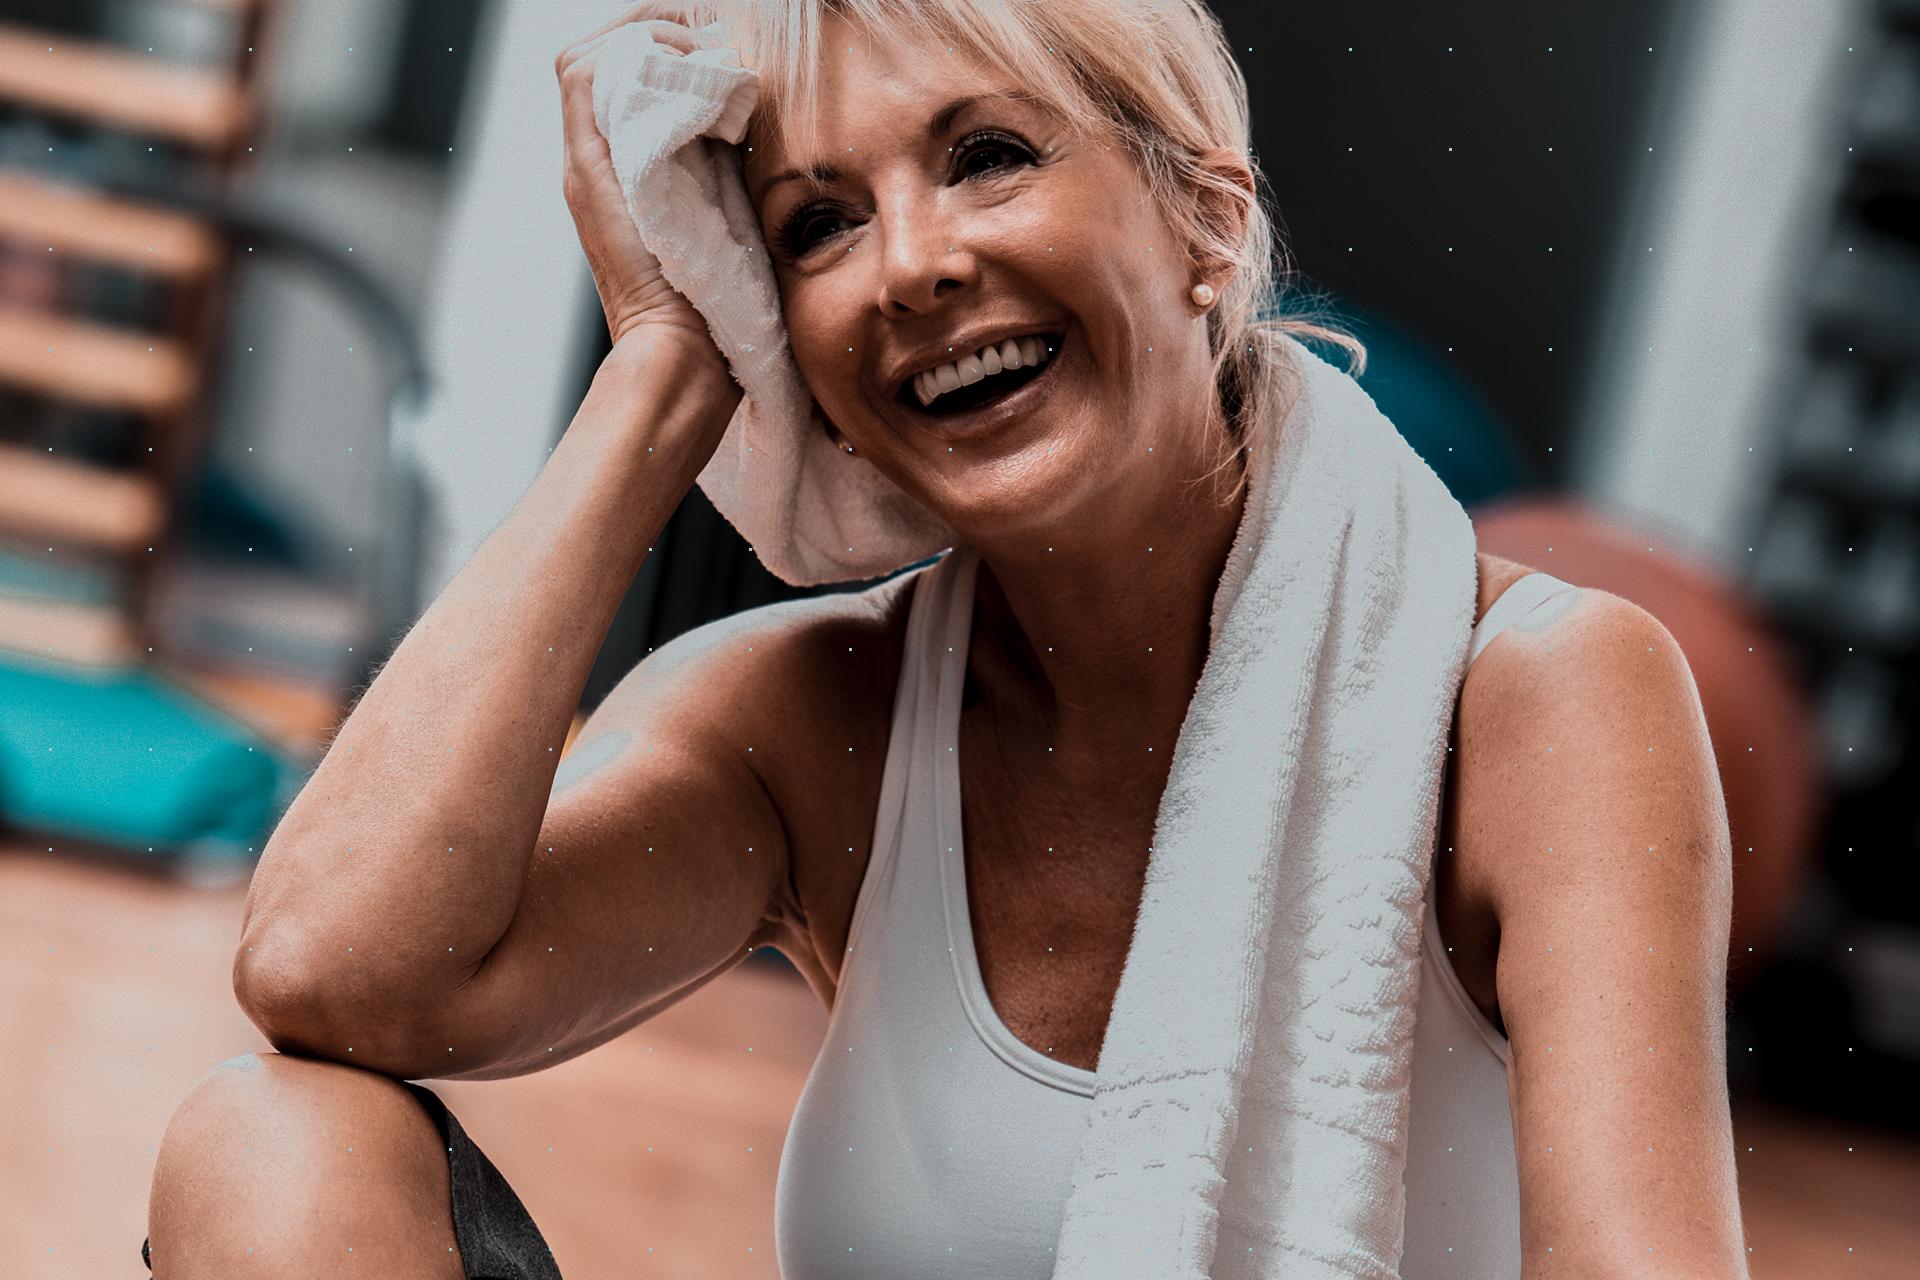 Aktiva Olpe öffnungszeiten : fitness vorteile in wenden aktiva premium wenden fitness sport personal training fitness ~ Frokenaadalensverden.com Haus und Dekorationen